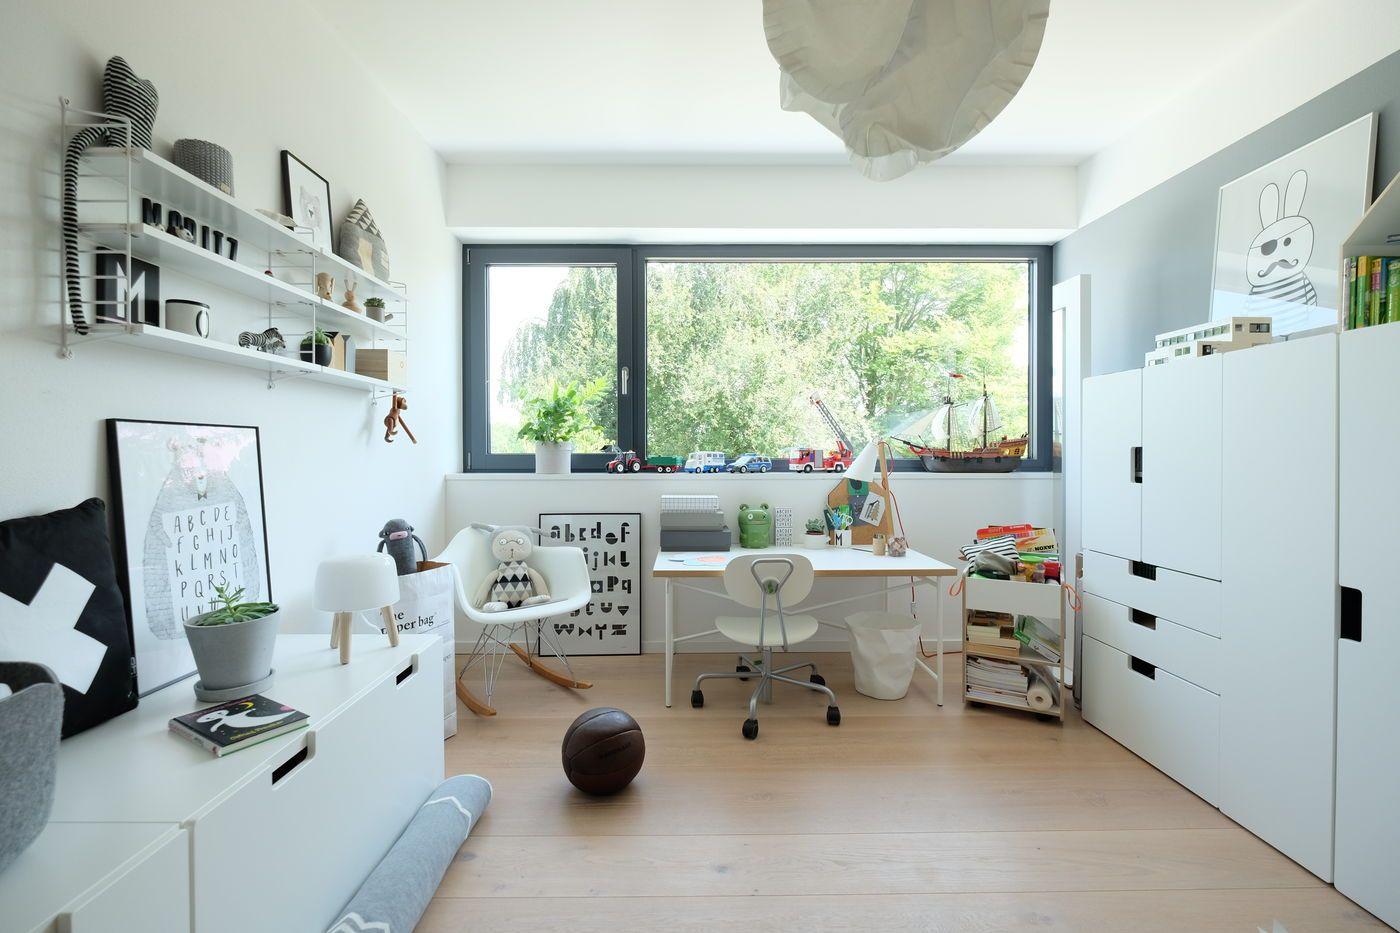 Full Size of Ikea Jugendzimmer Miniküche Bett Betten Bei Küche Kosten Sofa Modulküche Kaufen 160x200 Mit Schlaffunktion Wohnzimmer Ikea Jugendzimmer